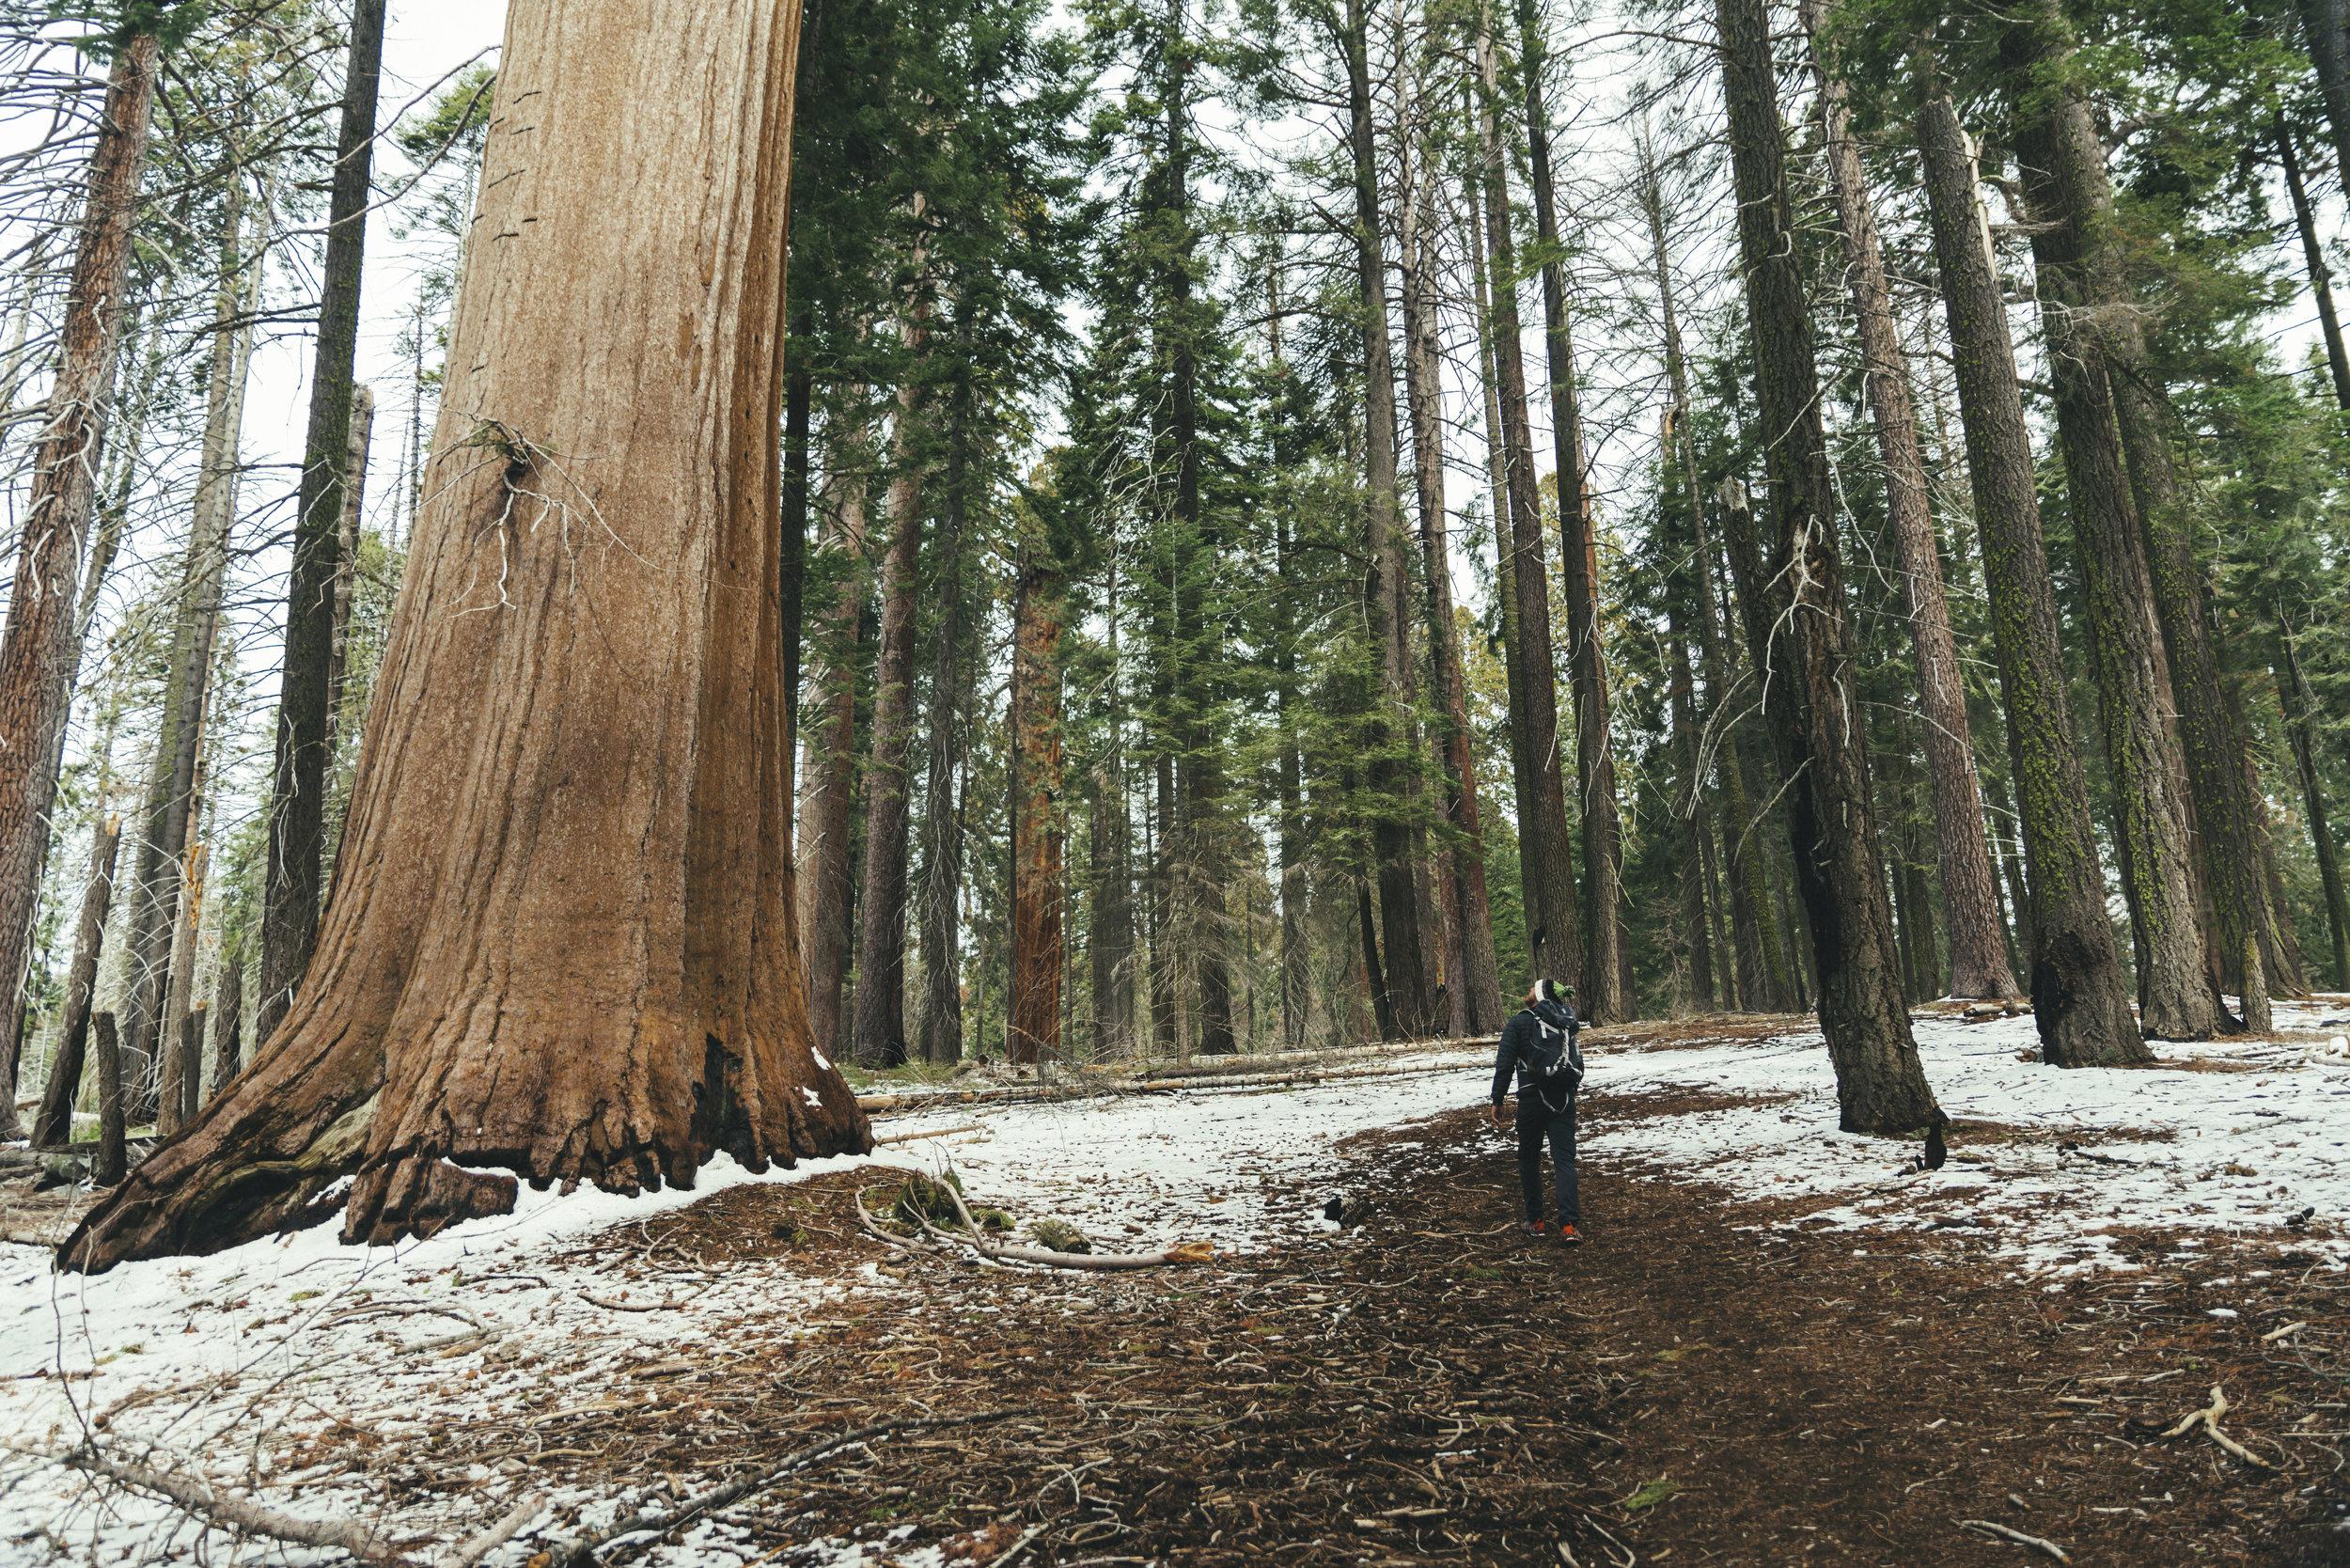 Sequoia national Park / California